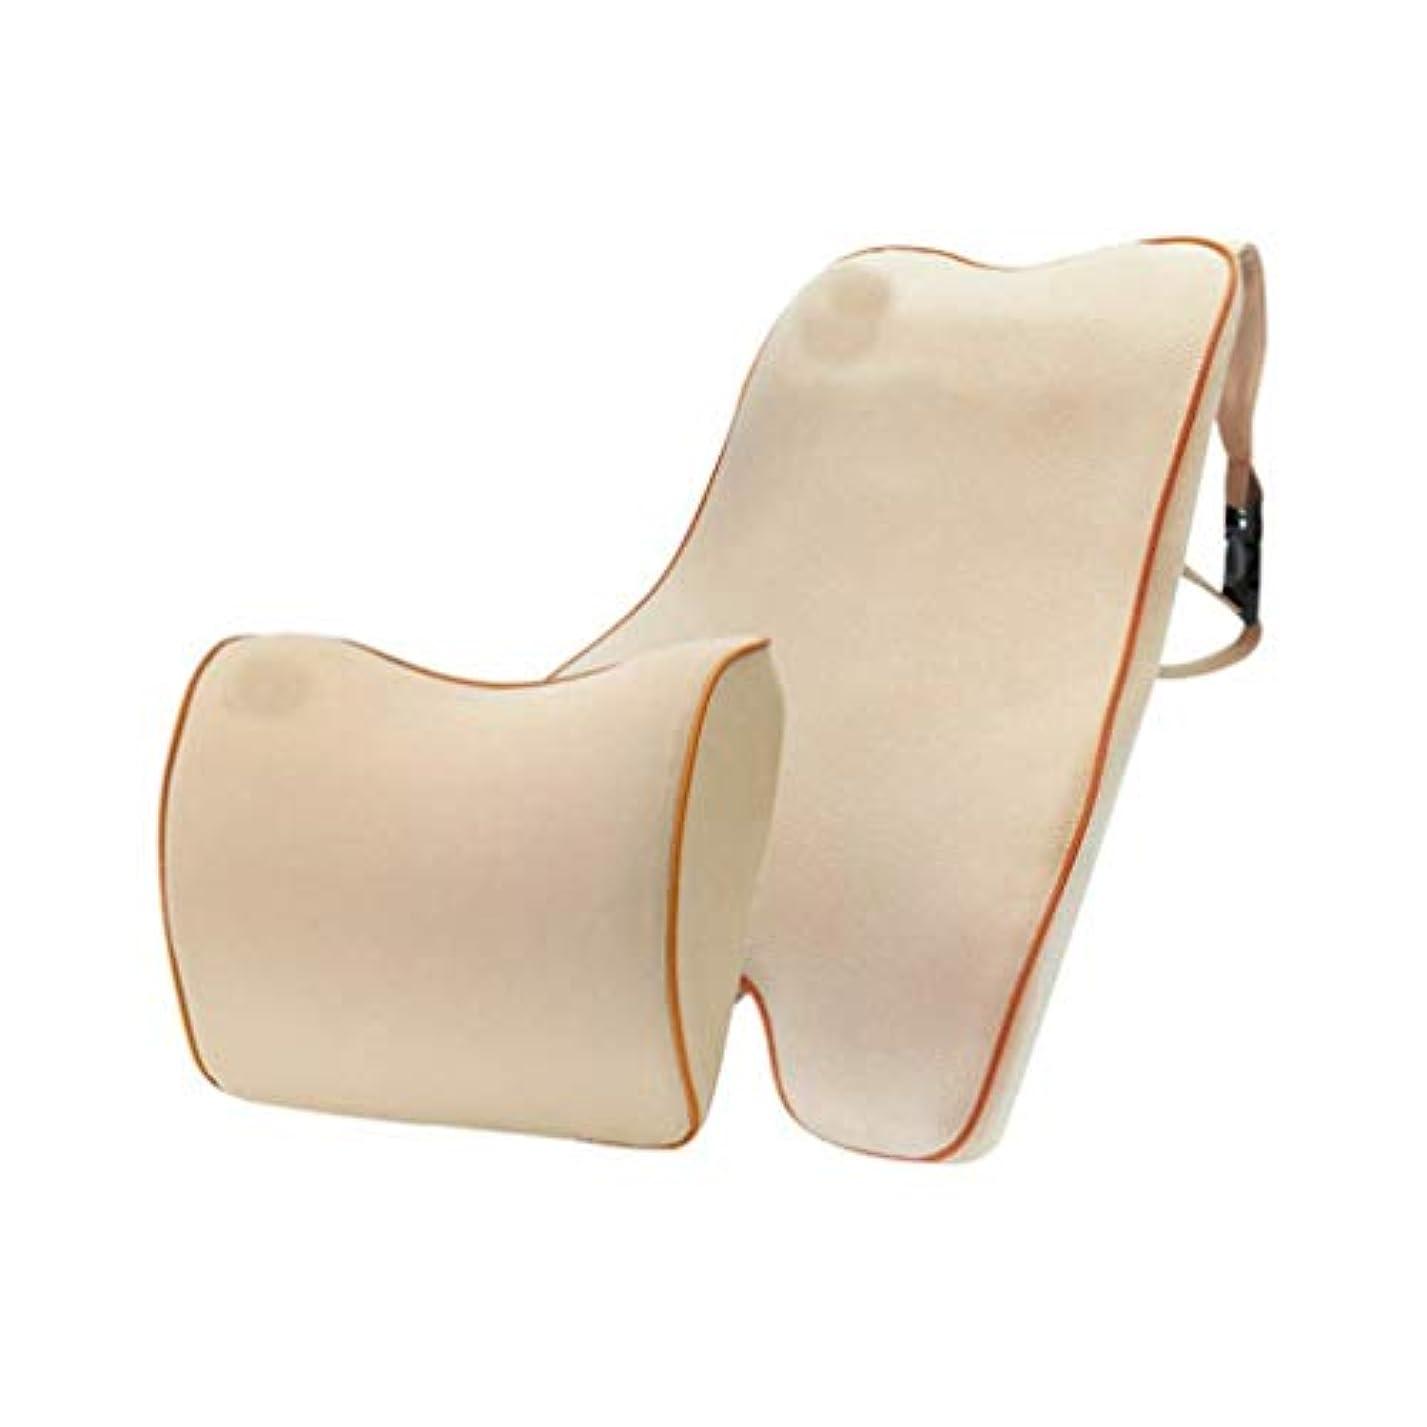 旅行若いスリップシューズ腰椎枕、首枕、低反発枕クッション腰椎サポート車のホームオフィスの椅子、人間工学に基づいた整形外科の設計は坐骨神経痛と尾骨の痛みを和らげます